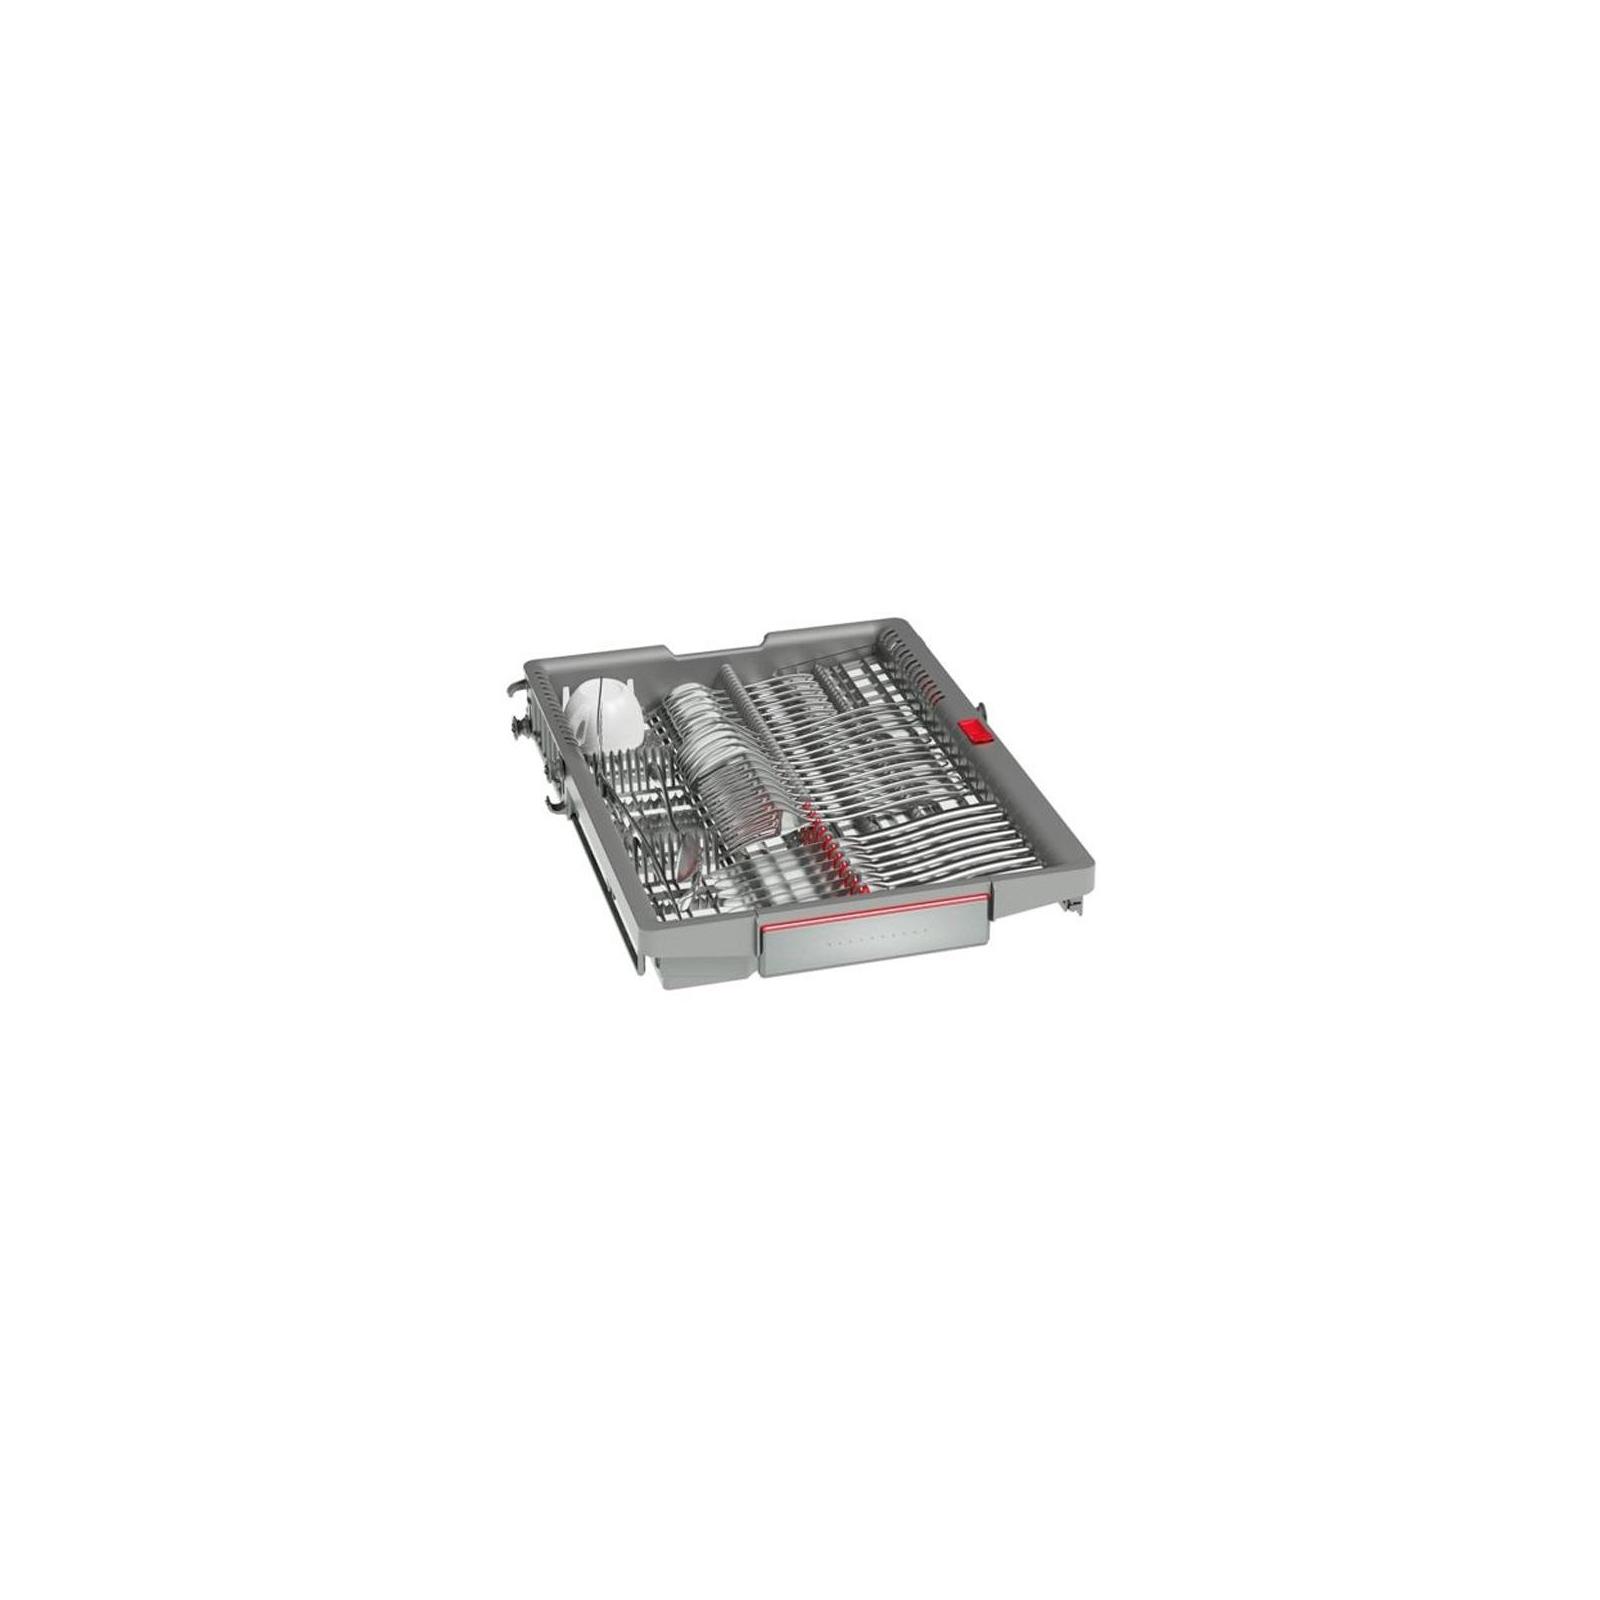 Посудомоечная машина BOSCH SPV 66 TX01E (SPV66TX01E) изображение 6